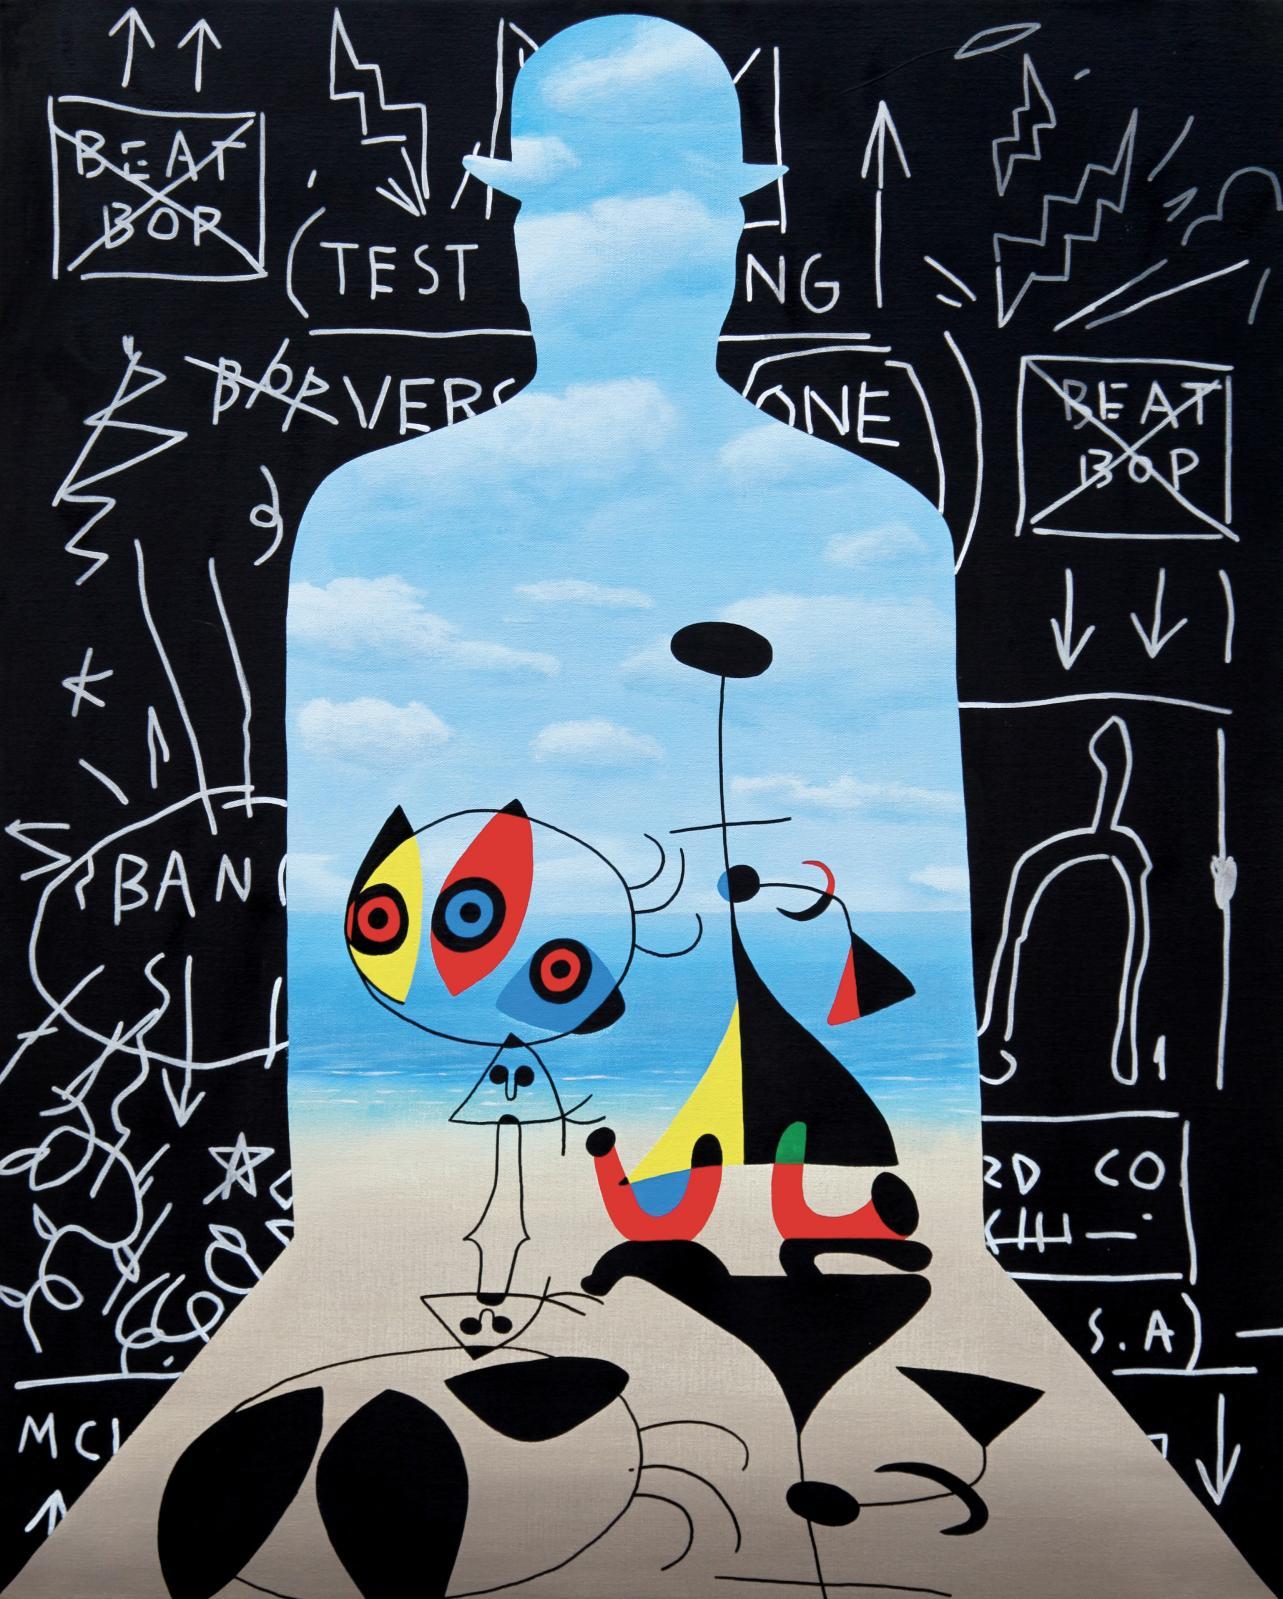 Speedy Graphito (né en 1961), Inside Me, 2020, acrylique sur toile, 81x65cm. ©Speedy Graphito ©Adagp 2021